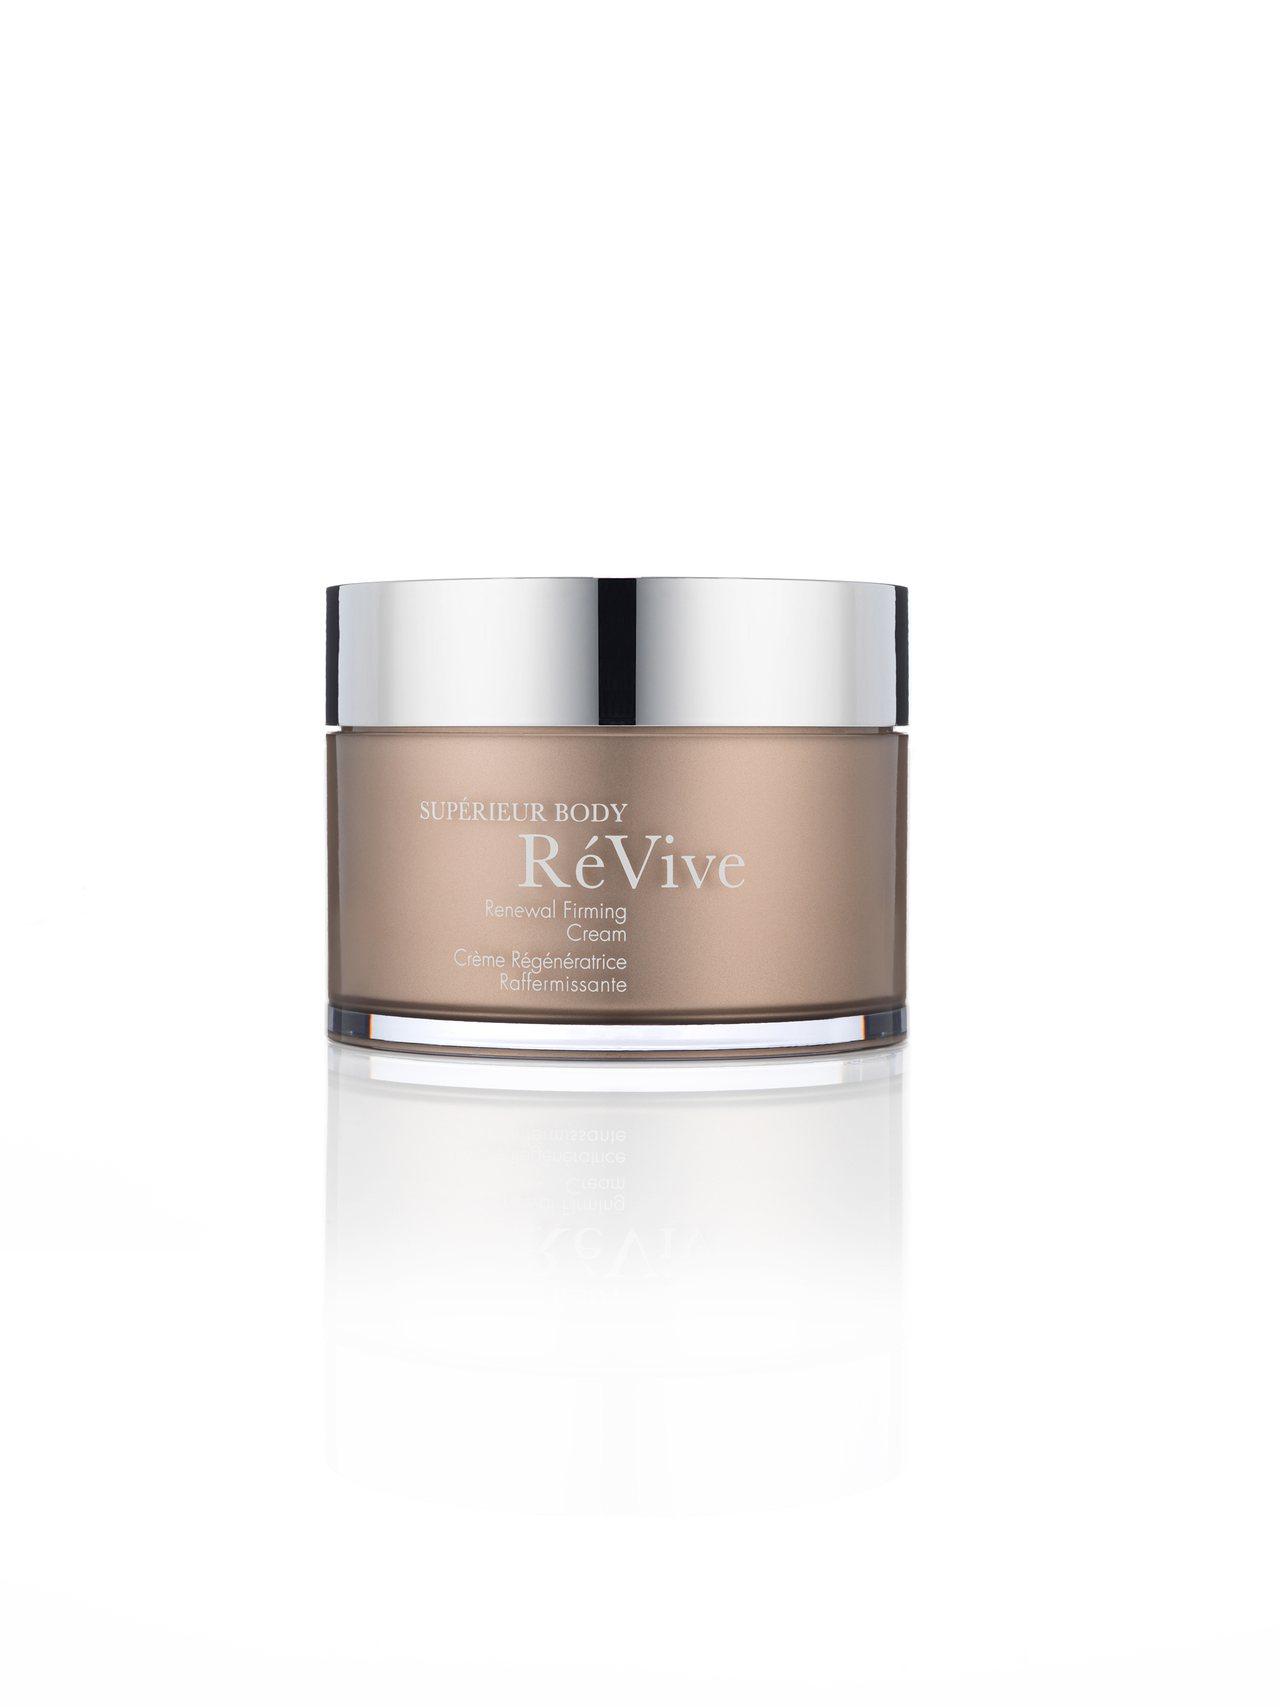 RéVive 4D活膚美體霜/192ml/7,000元。圖/RéVive提供